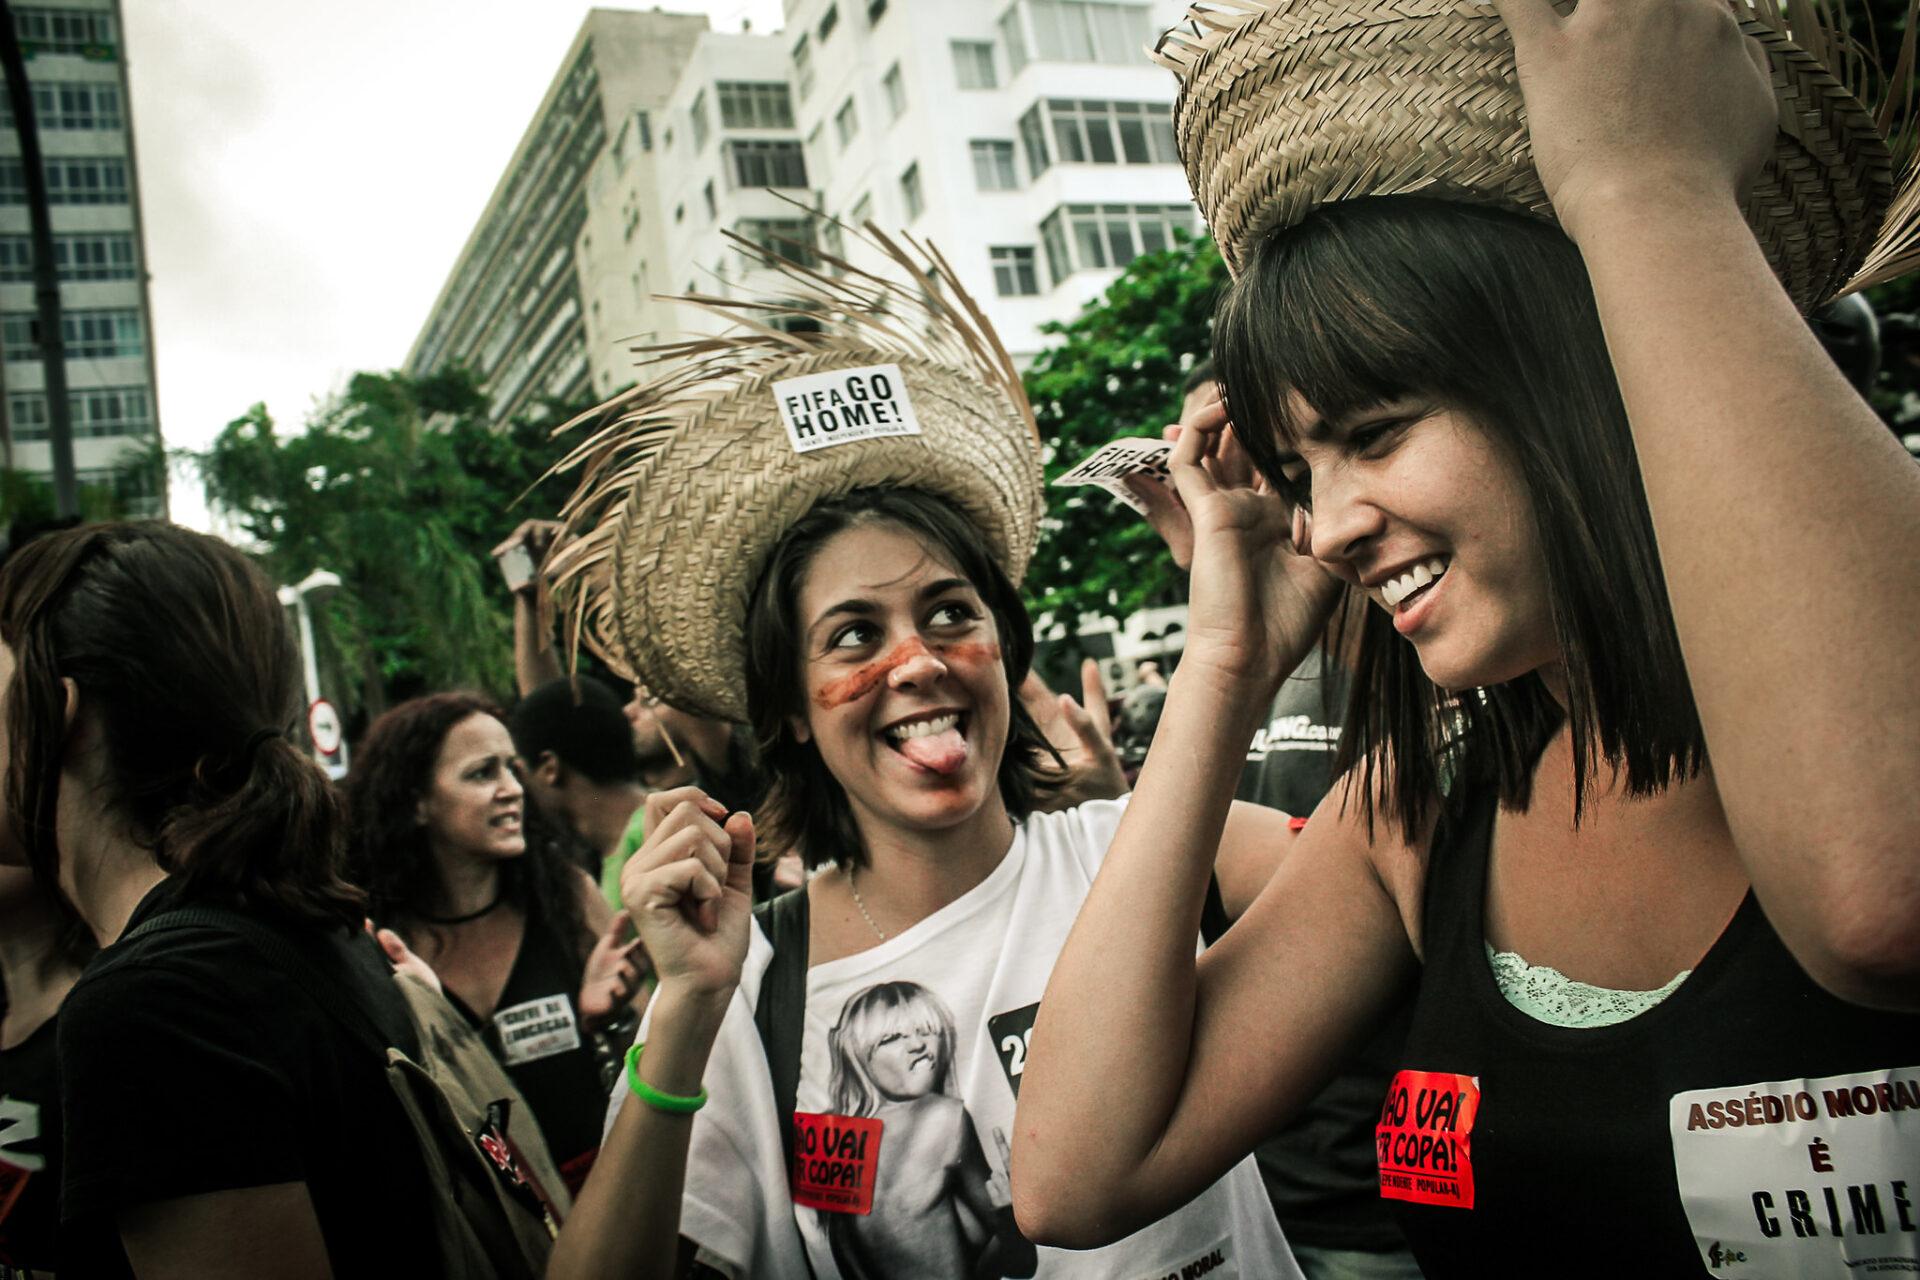 imagen_brasil_midianinja__DCHA